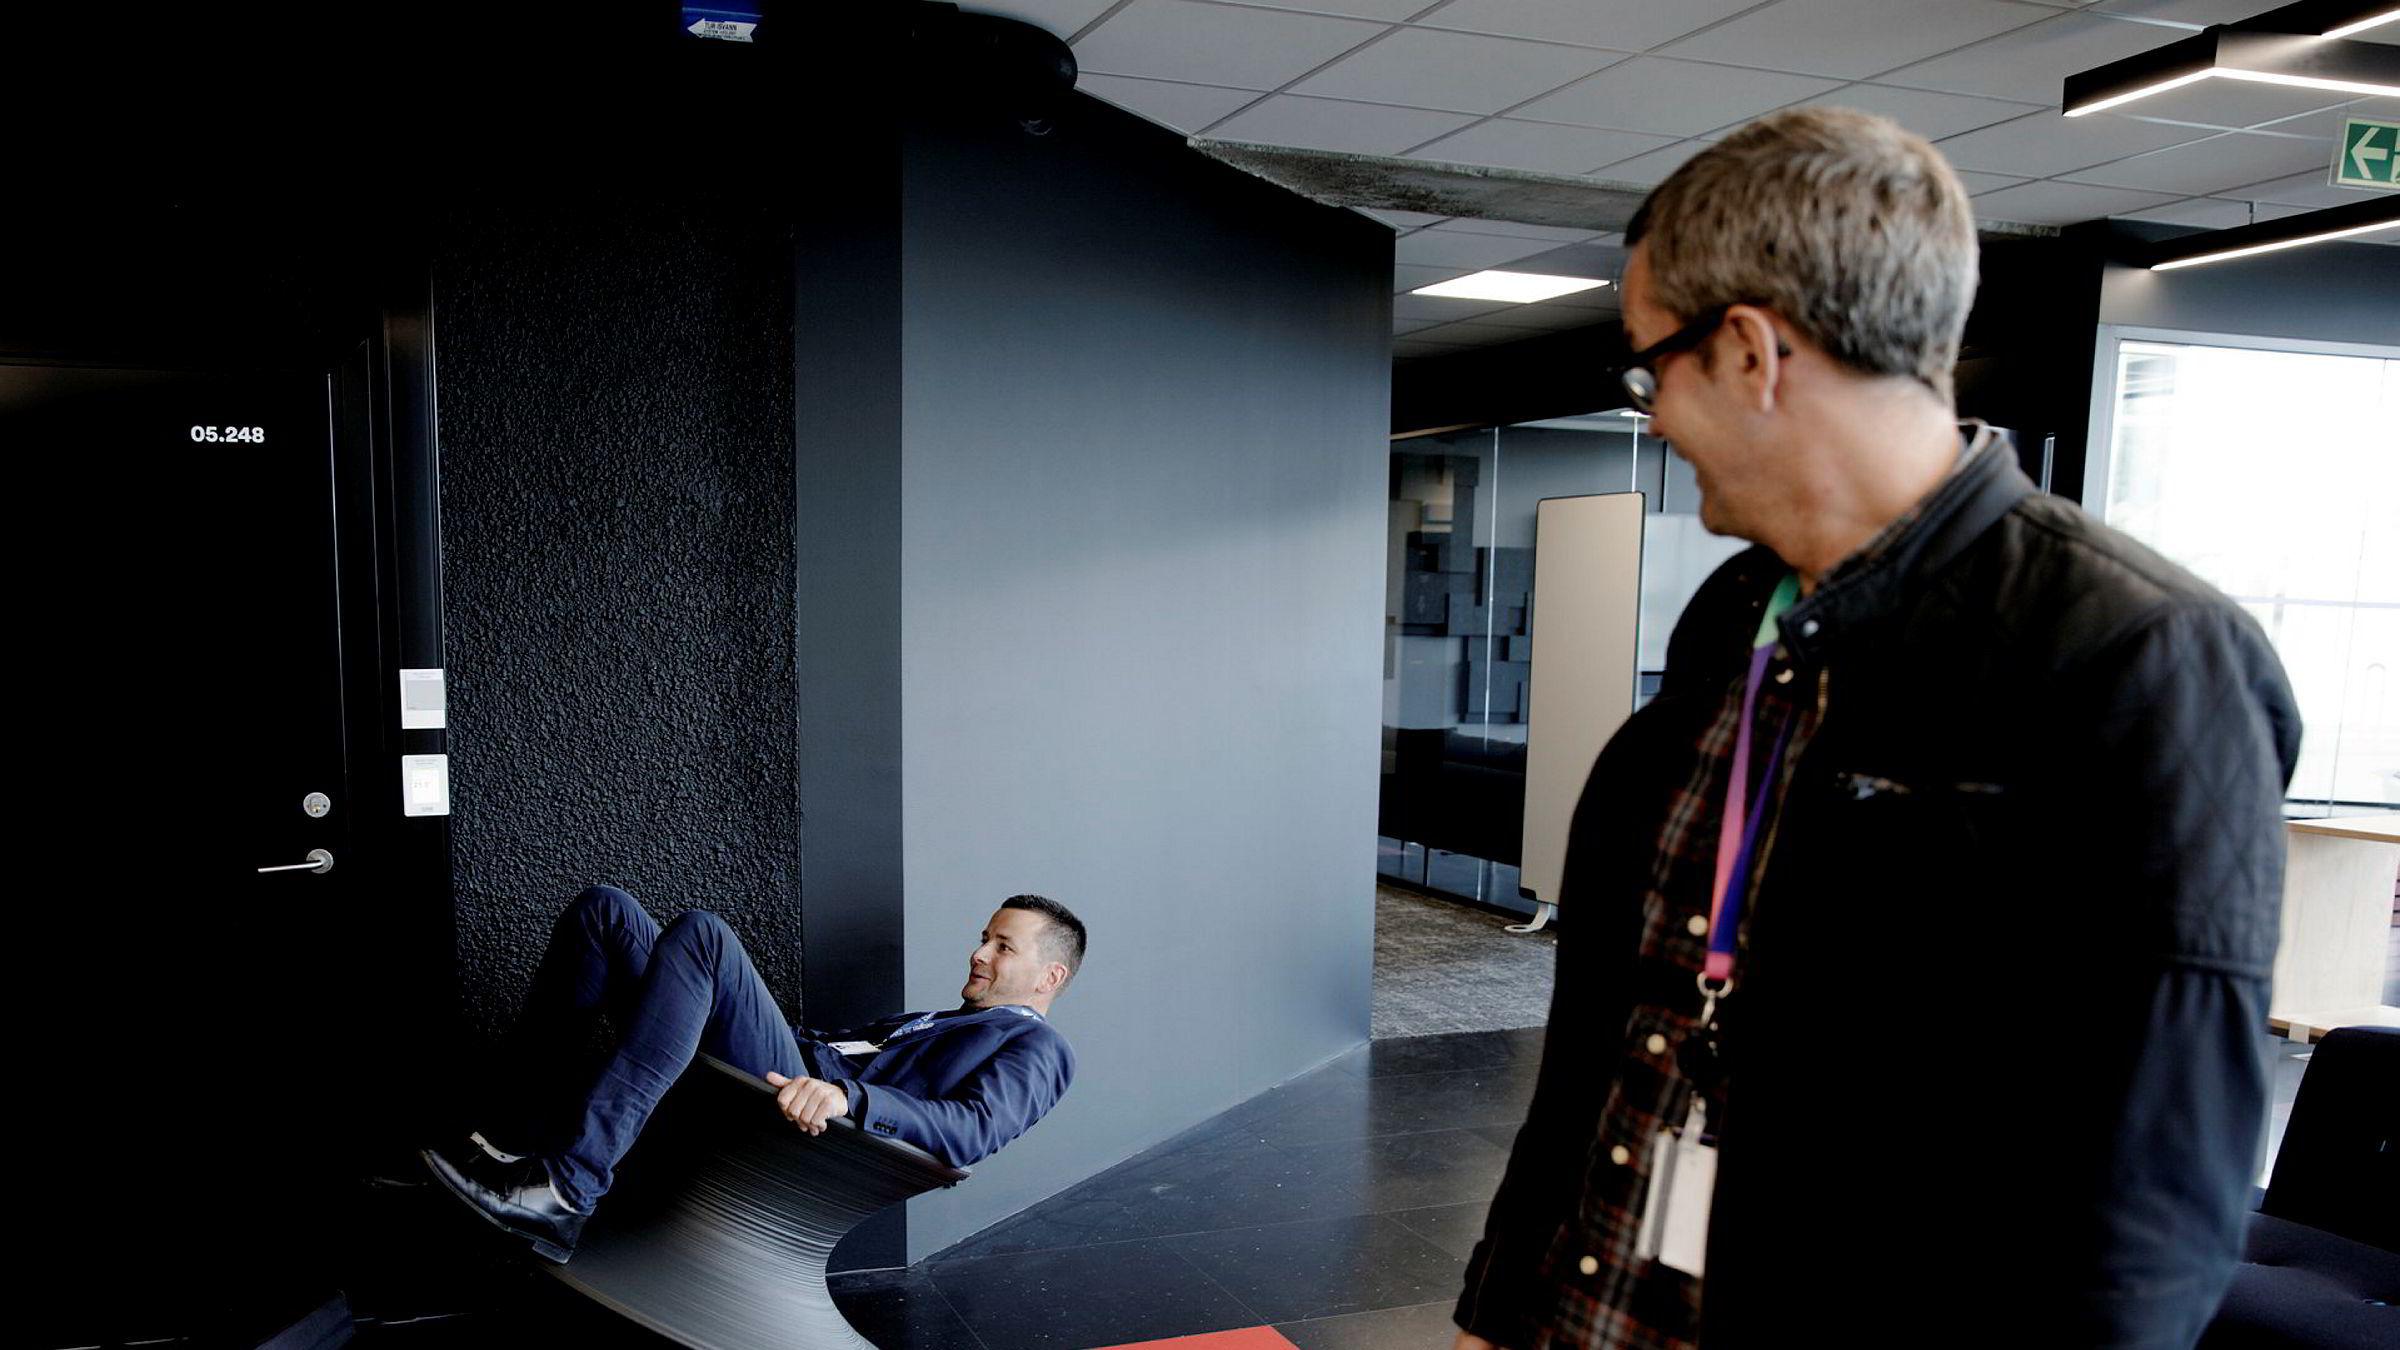 – Slike møbler har ikke vi, sier ansvarlig redaktør Øyulf Hjertenes i Bergens Tidende om innredningen av TV 2s nye kontorlokaler. Administrasjonssjef i nyhets- og sportsredaksjonen Roy Tore Jensen i TV 2 ser på.